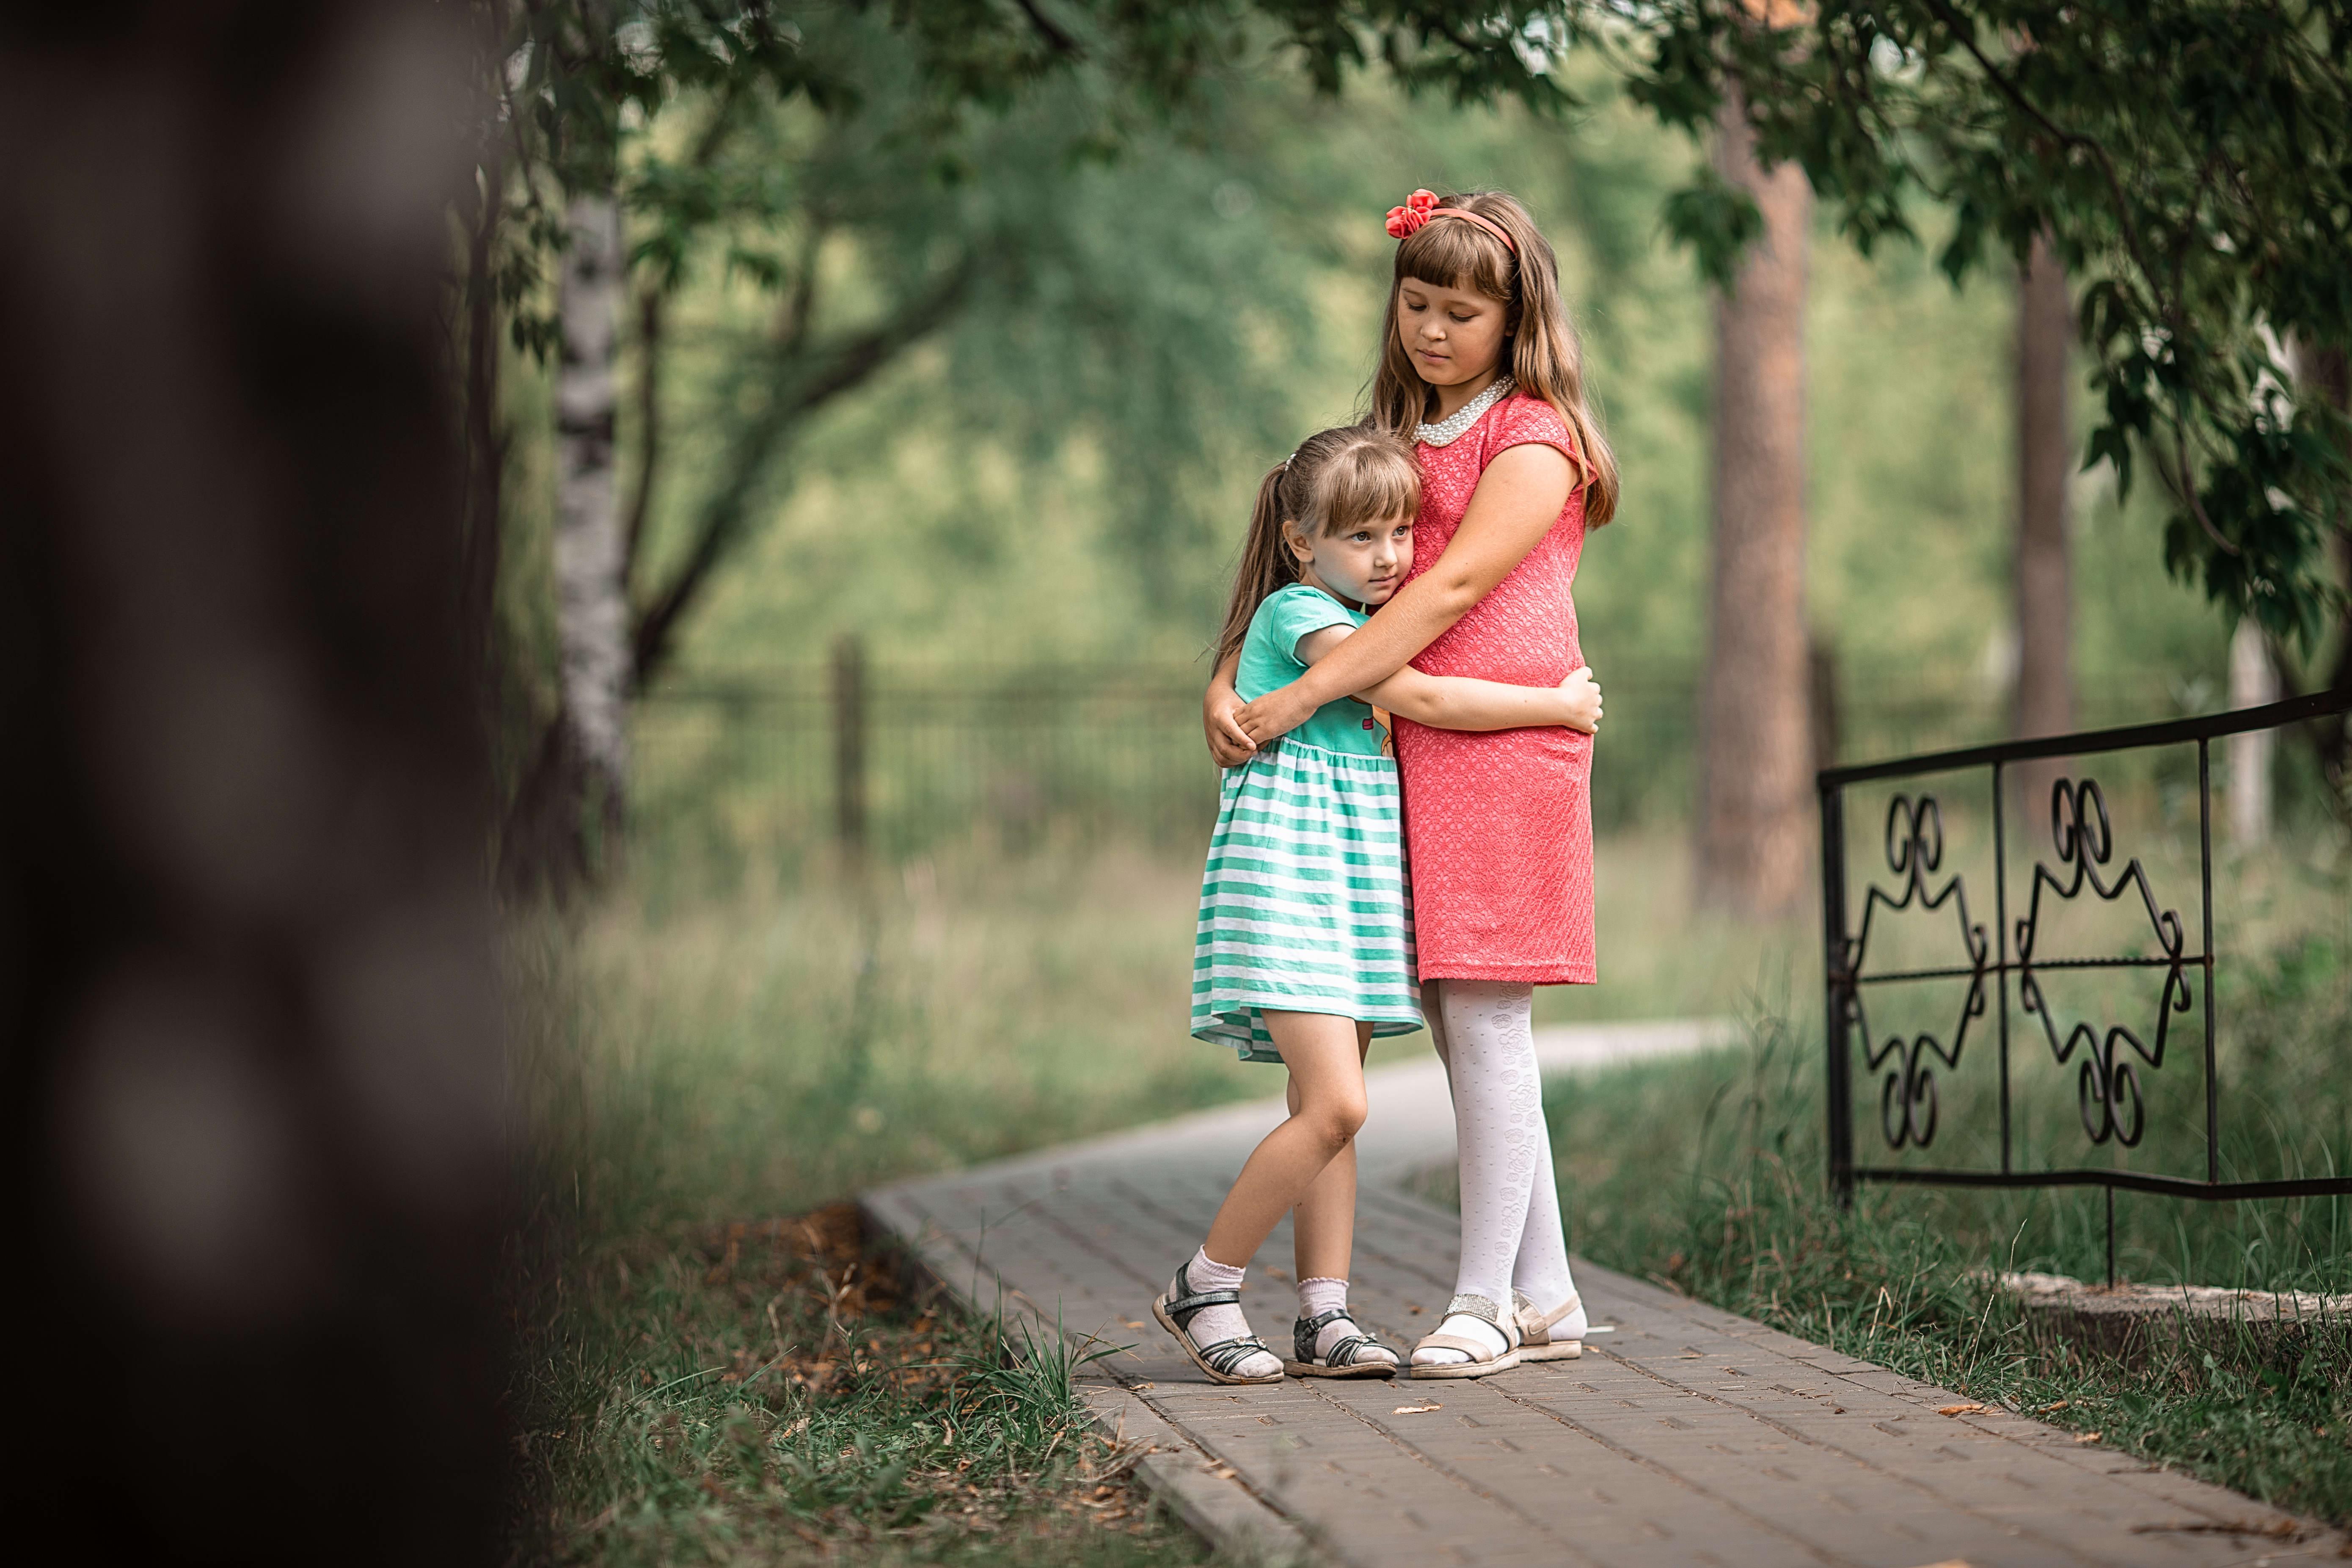 дети, сёстры, парк, прогулка, счастье, доброта, Васильев Владимир